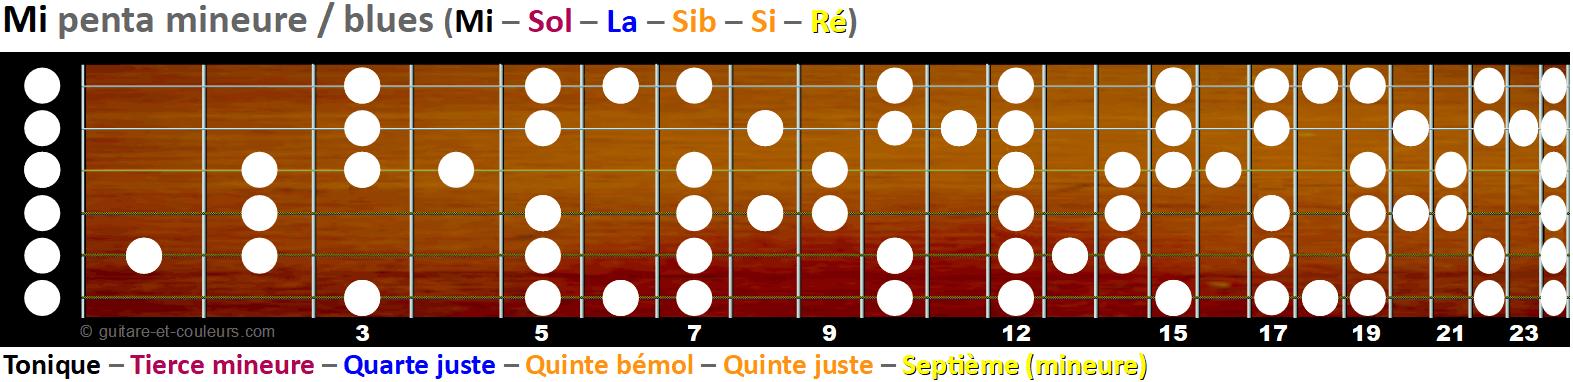 La gamme pentatonique mineure et blues sur le manche - Tonalité E